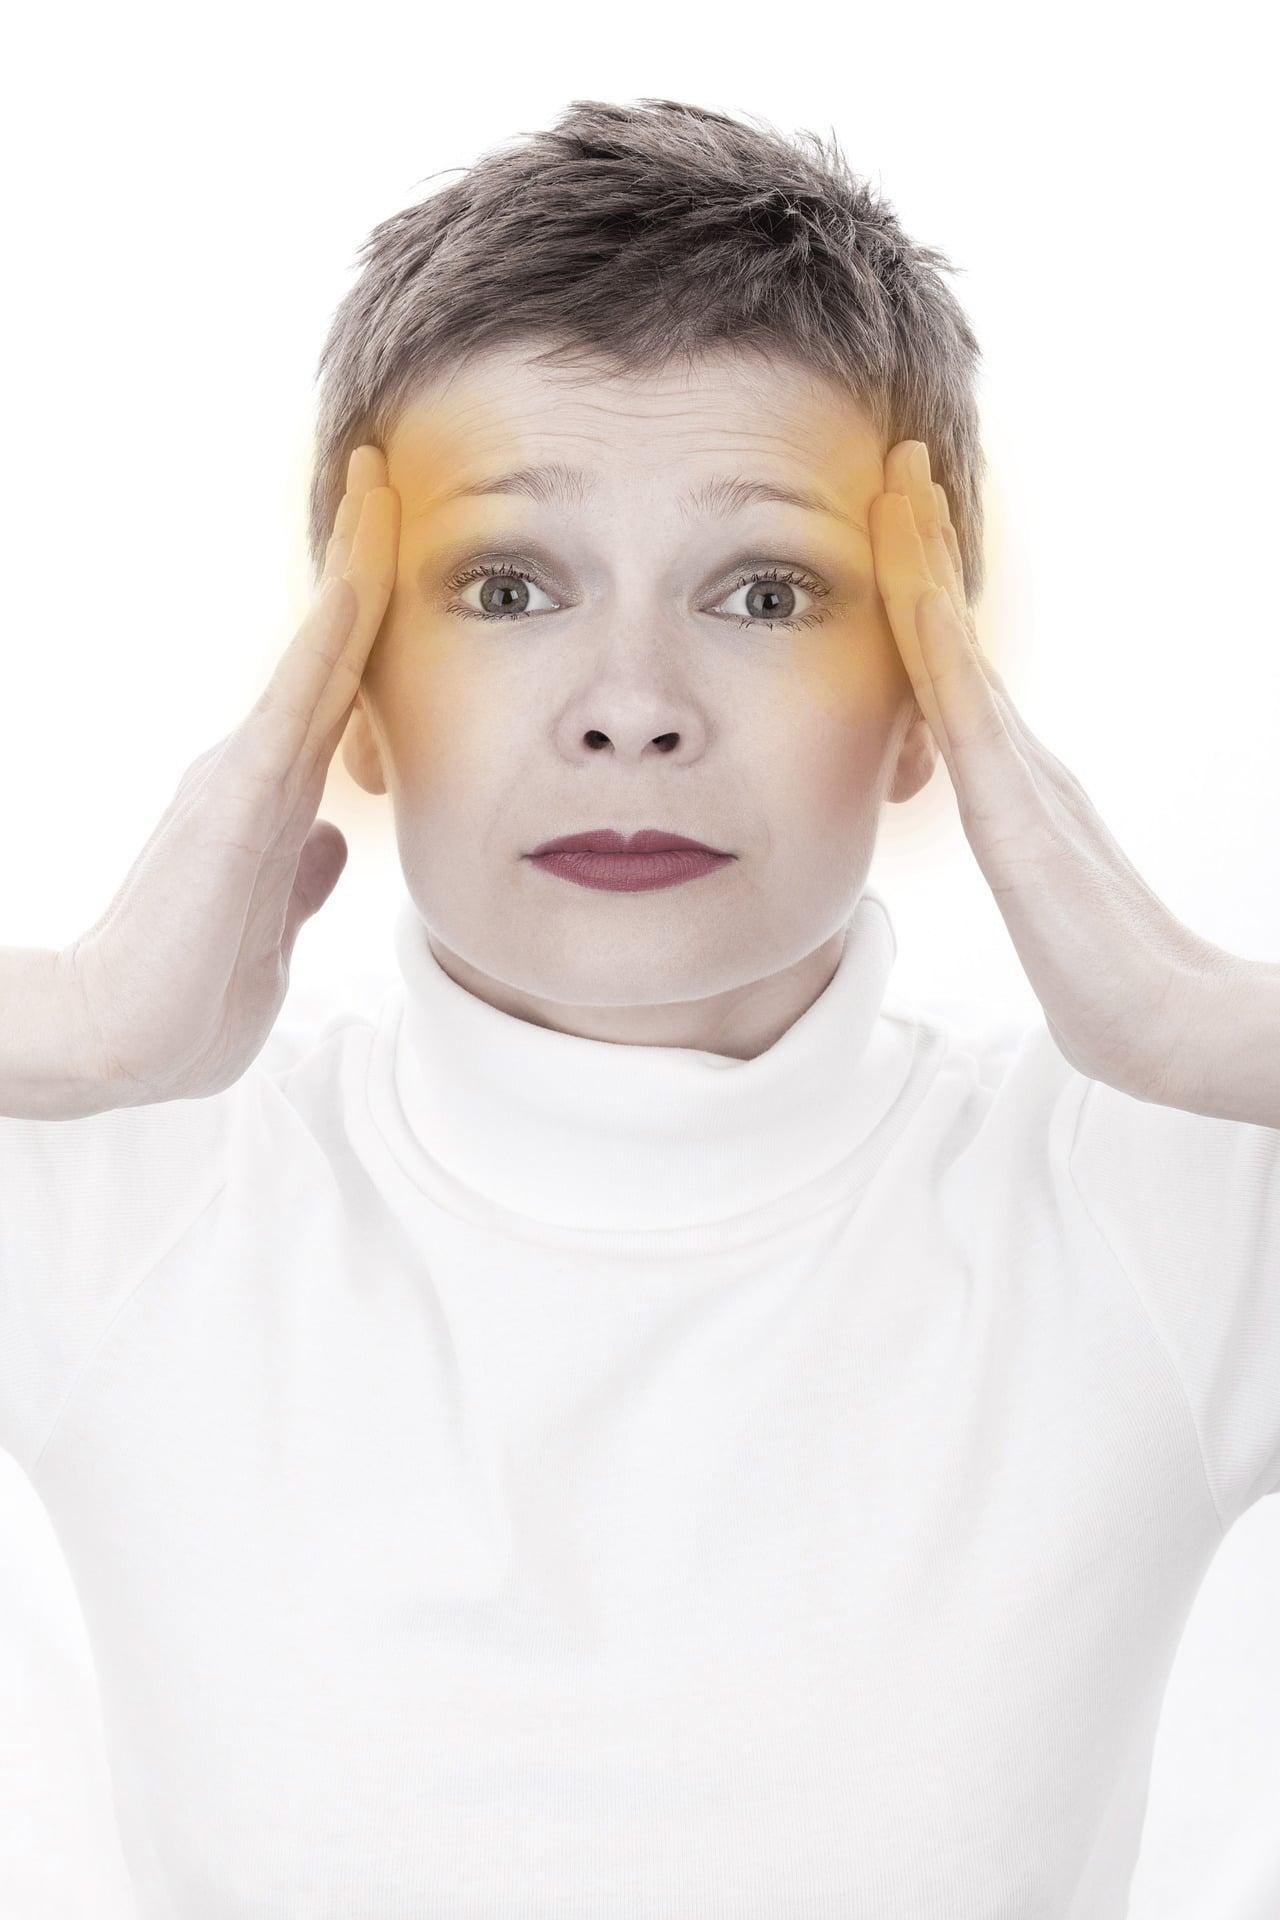 Kopfschmerz ist nicht gleich Kopfschmerz